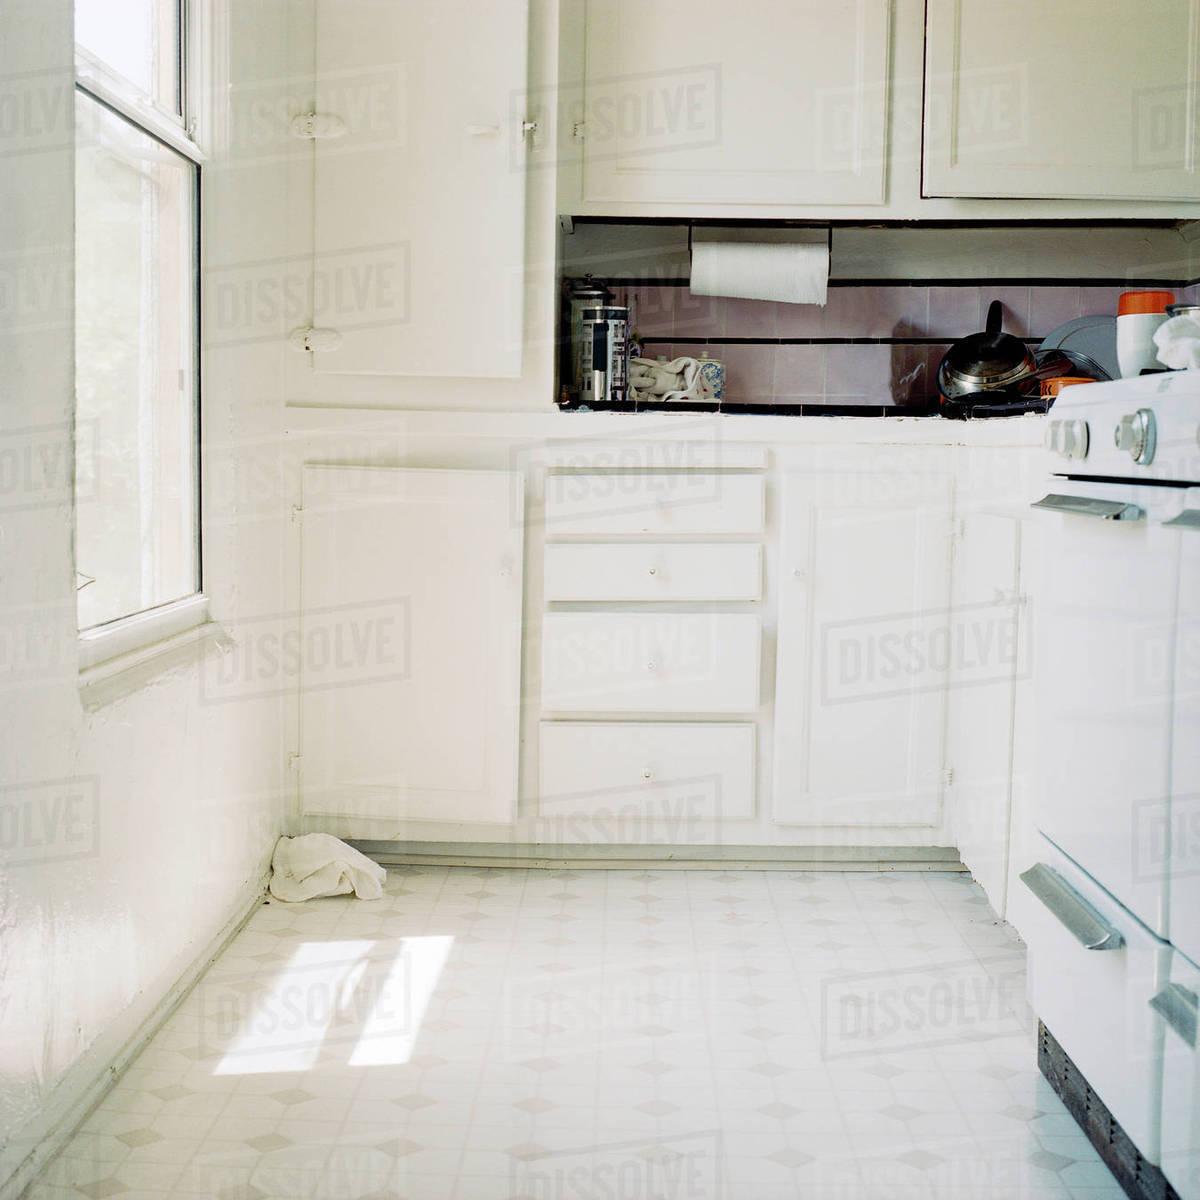 White apartment kitchen cabinets stock photo